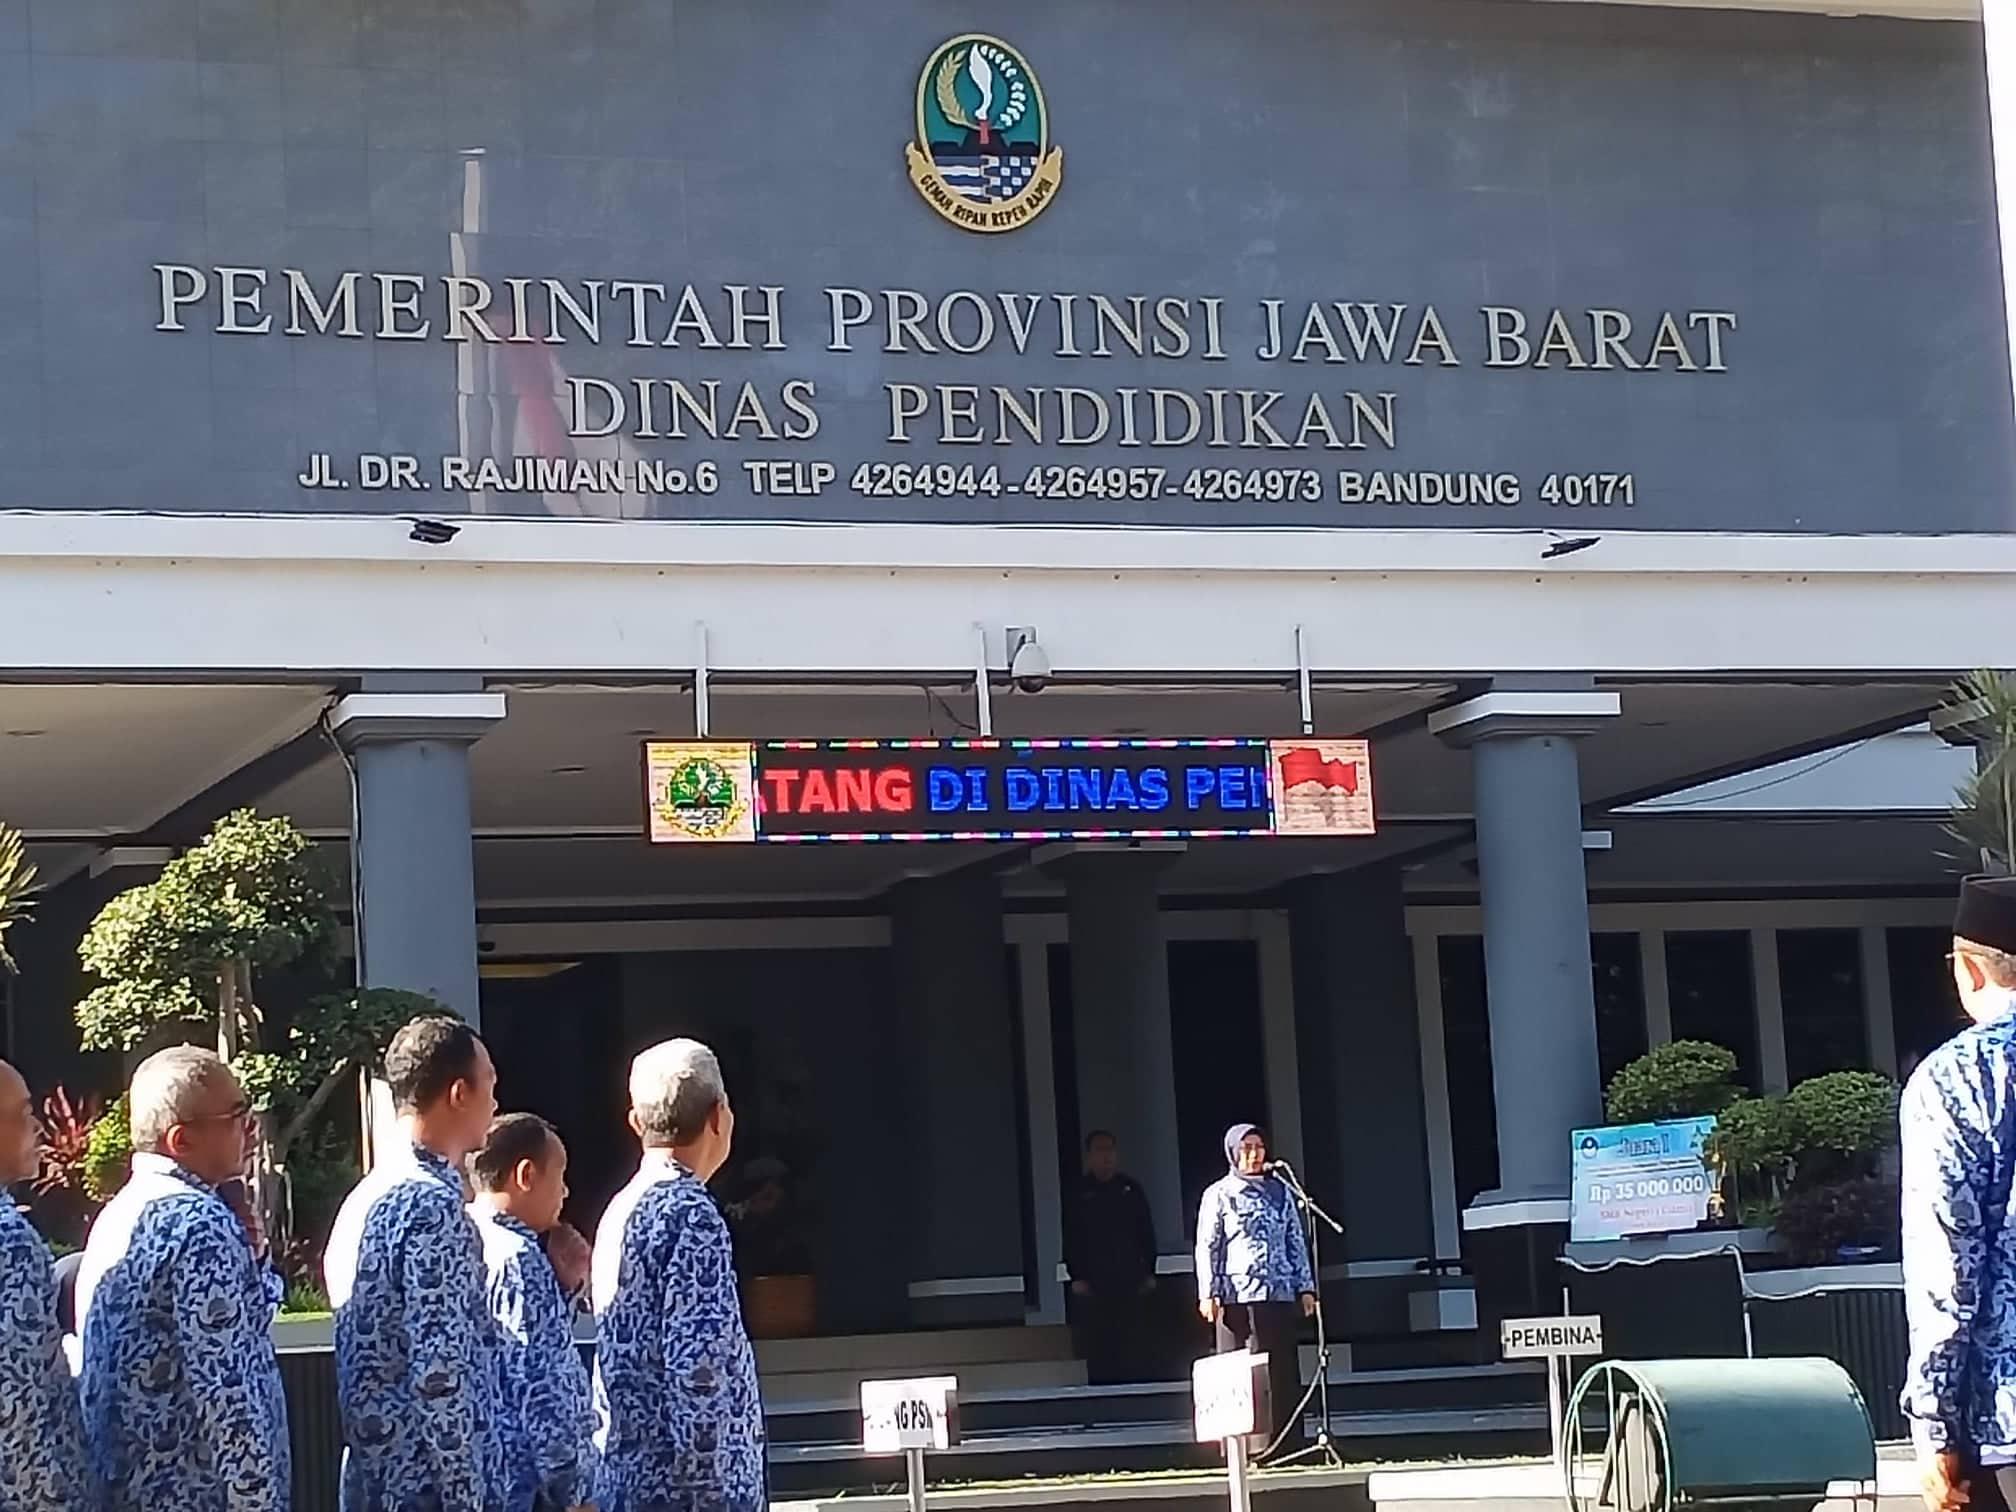 Kepala Dinas Pendidikan Provinsi Jawa Barat, Dewi Sartika mengapresiasi SMKN 1 Ciamis atas keberhasilannya meraih juara I Lomba Sekolah Sehat Berkarakter Tingkat Nasional Tahun 2019. saat apel pagi di Halaman Kantor Disdik